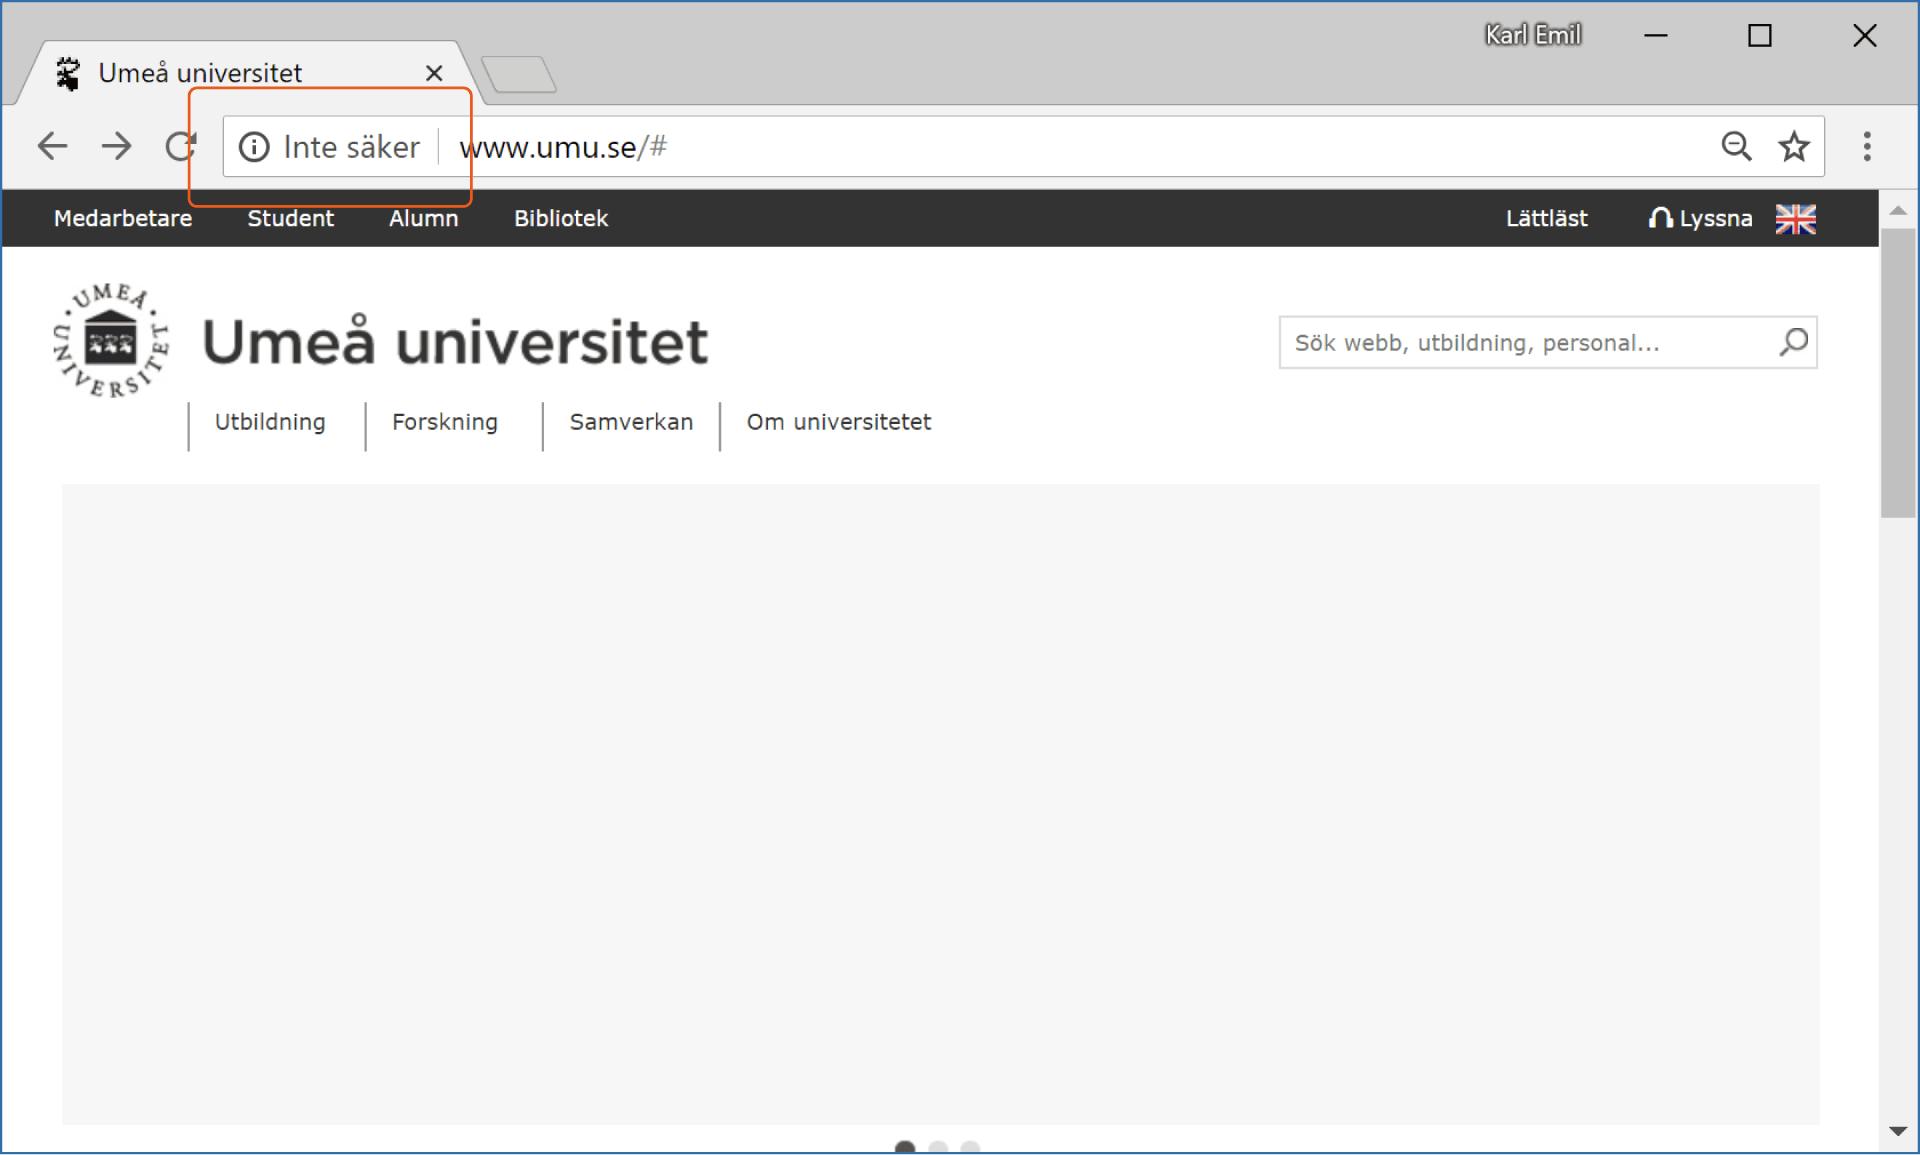 Umeå universitets startsida kan enbart läsas in över en osäker HTTP-anslutning.